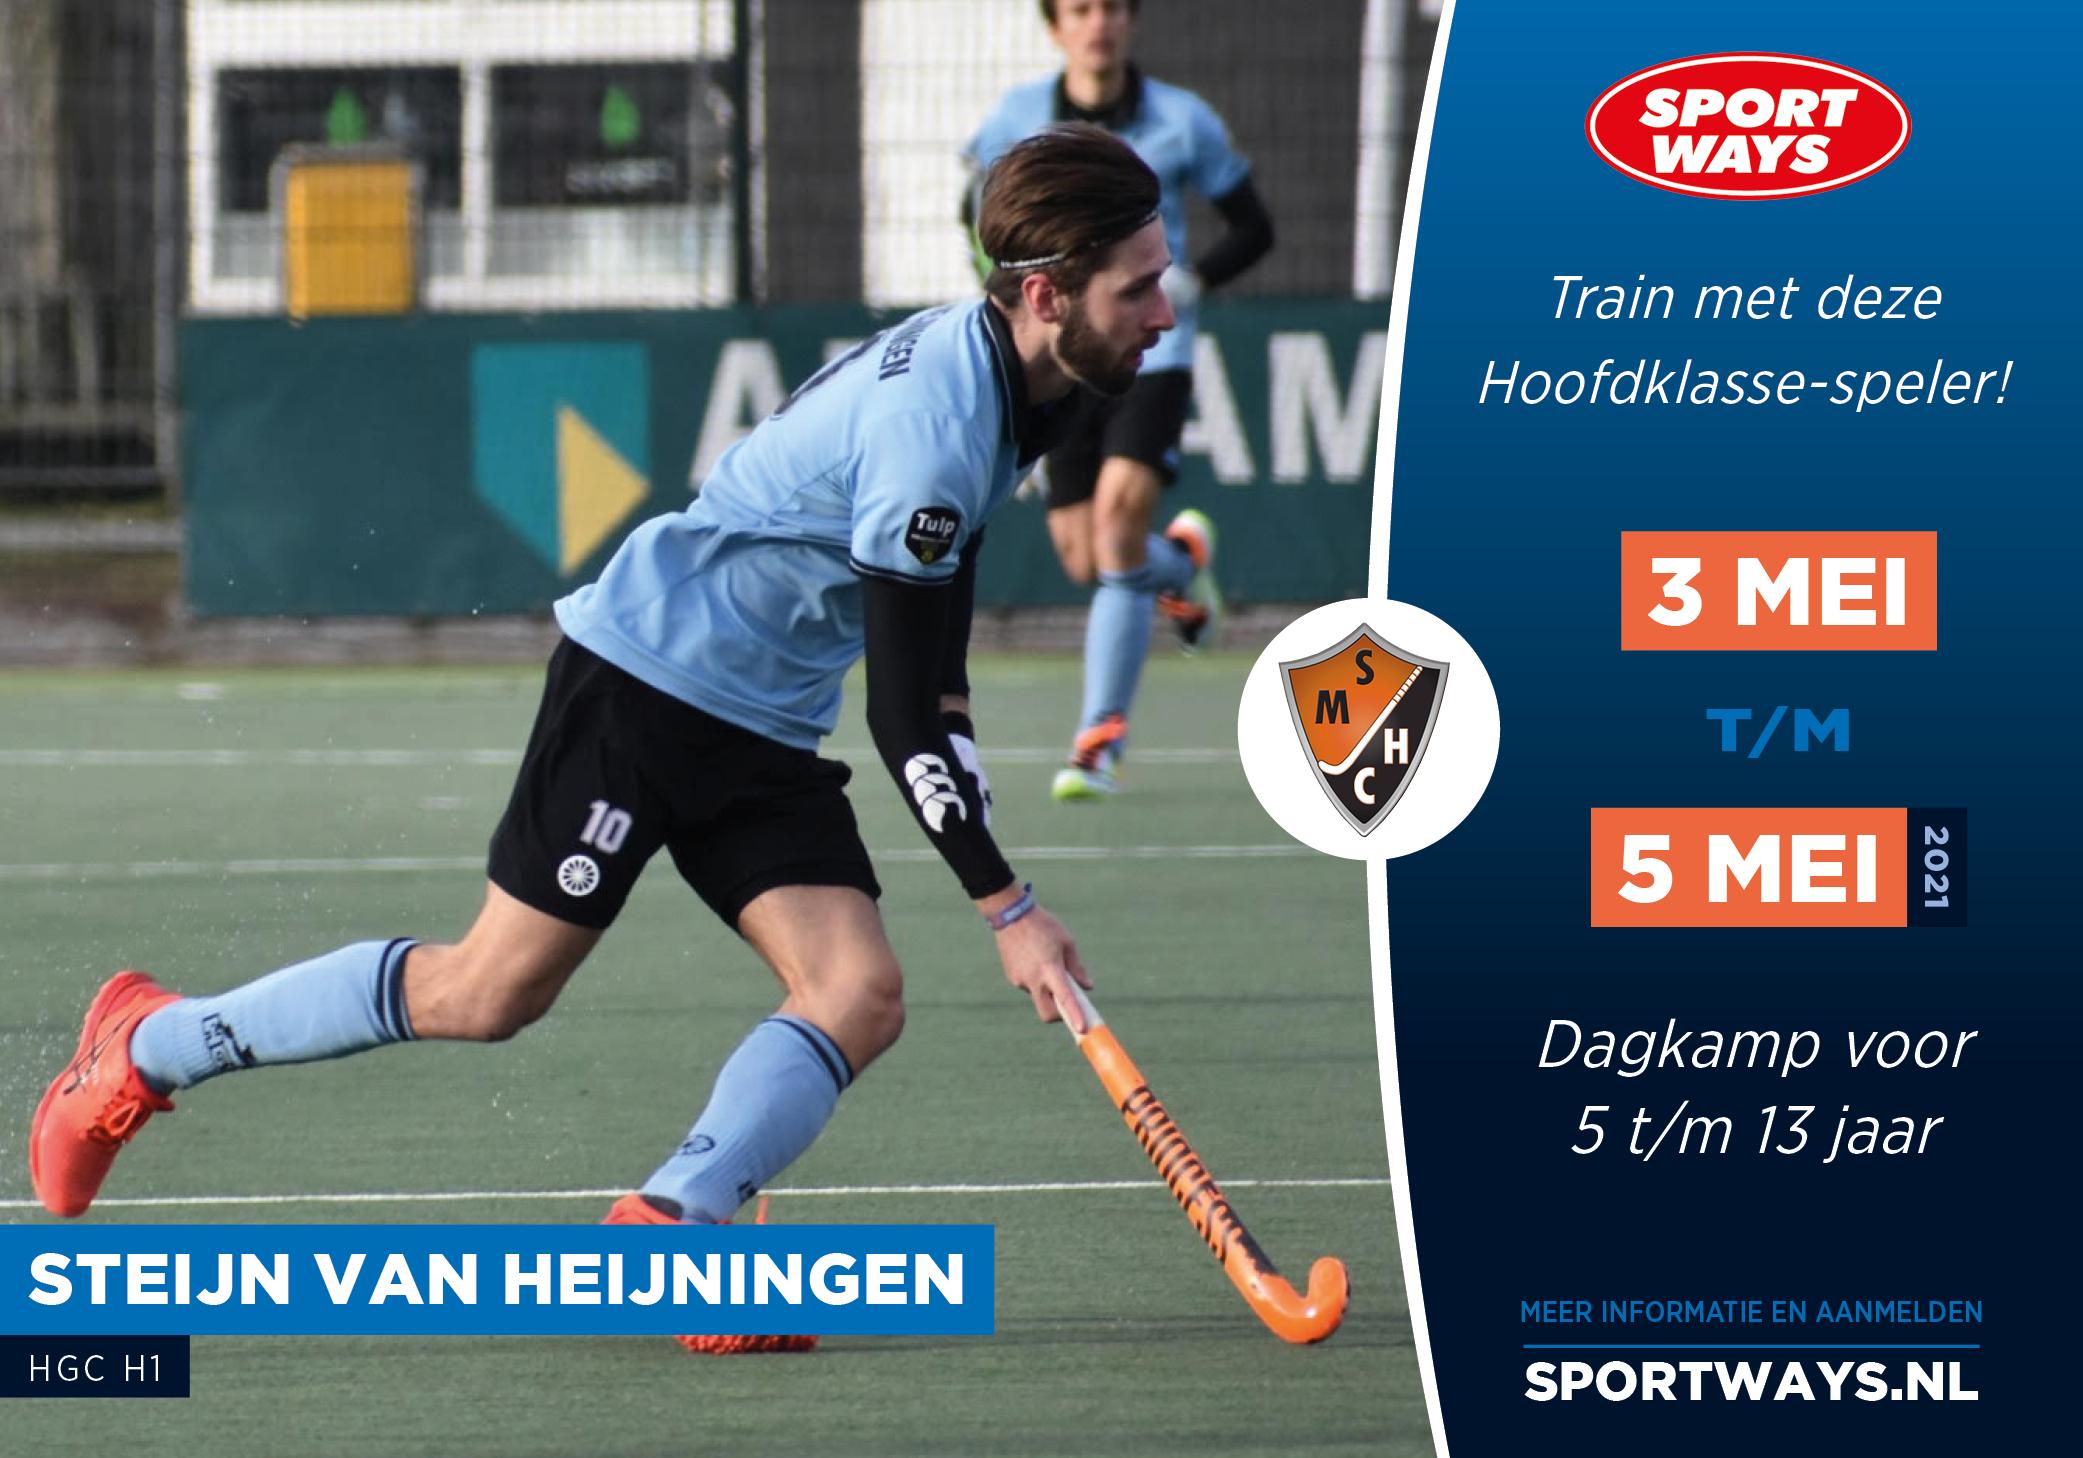 Ga je mee het hockeyveld op met Steijn van Heijningen?